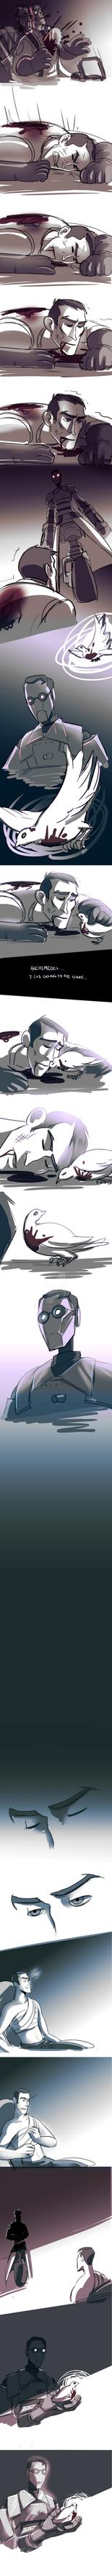 TF2: Dove by DarkLitria